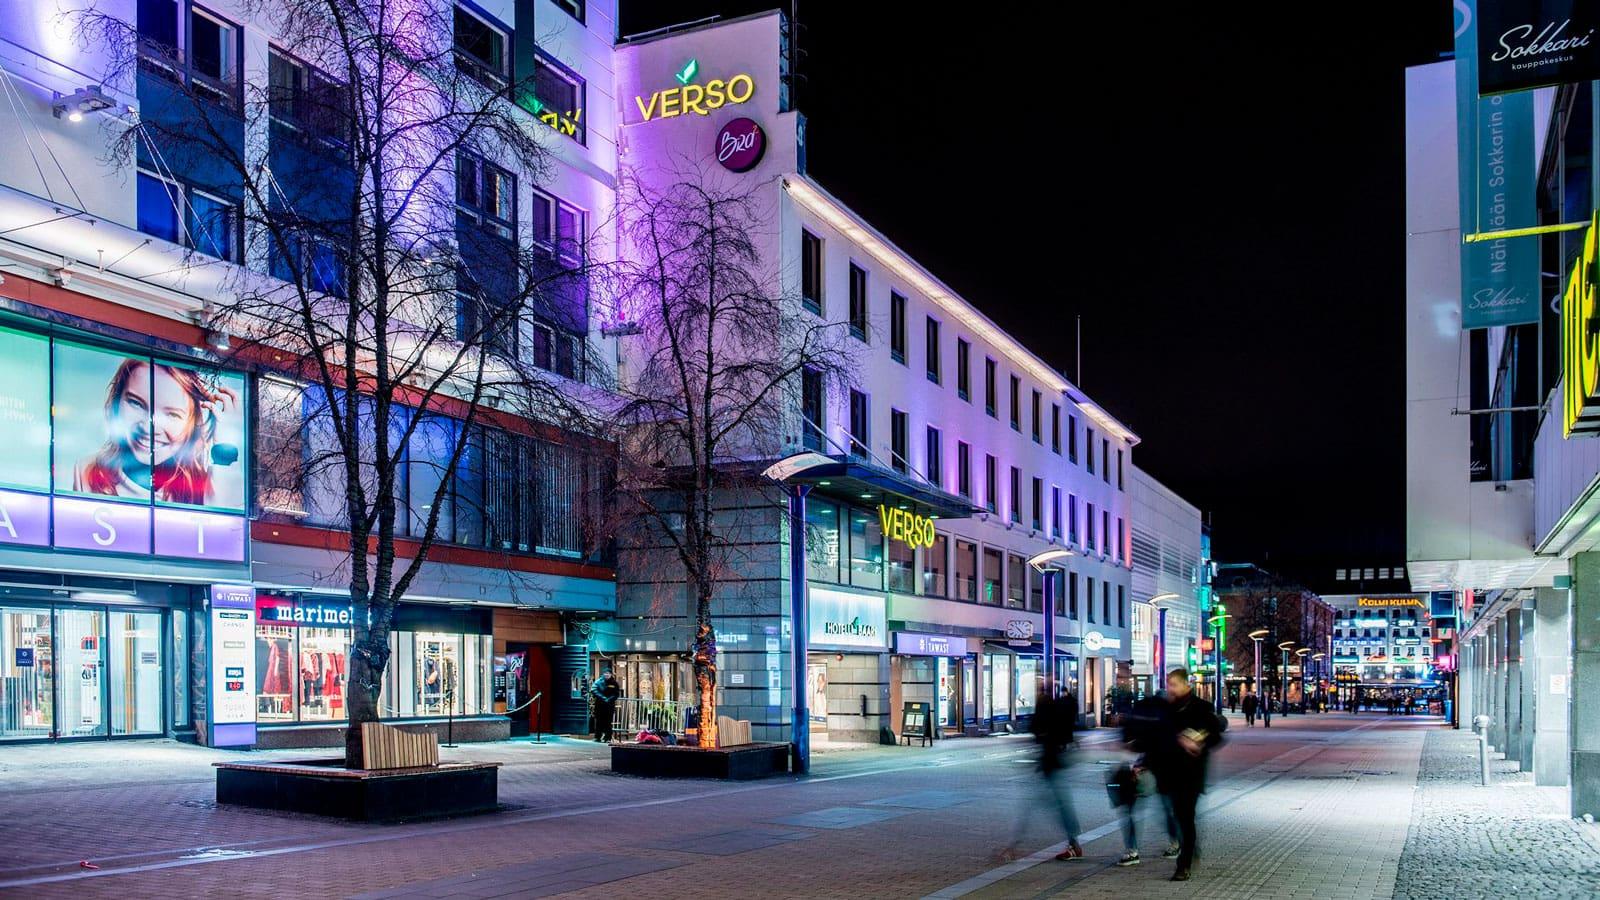 Hotelli Verson rakennus pimeällä.